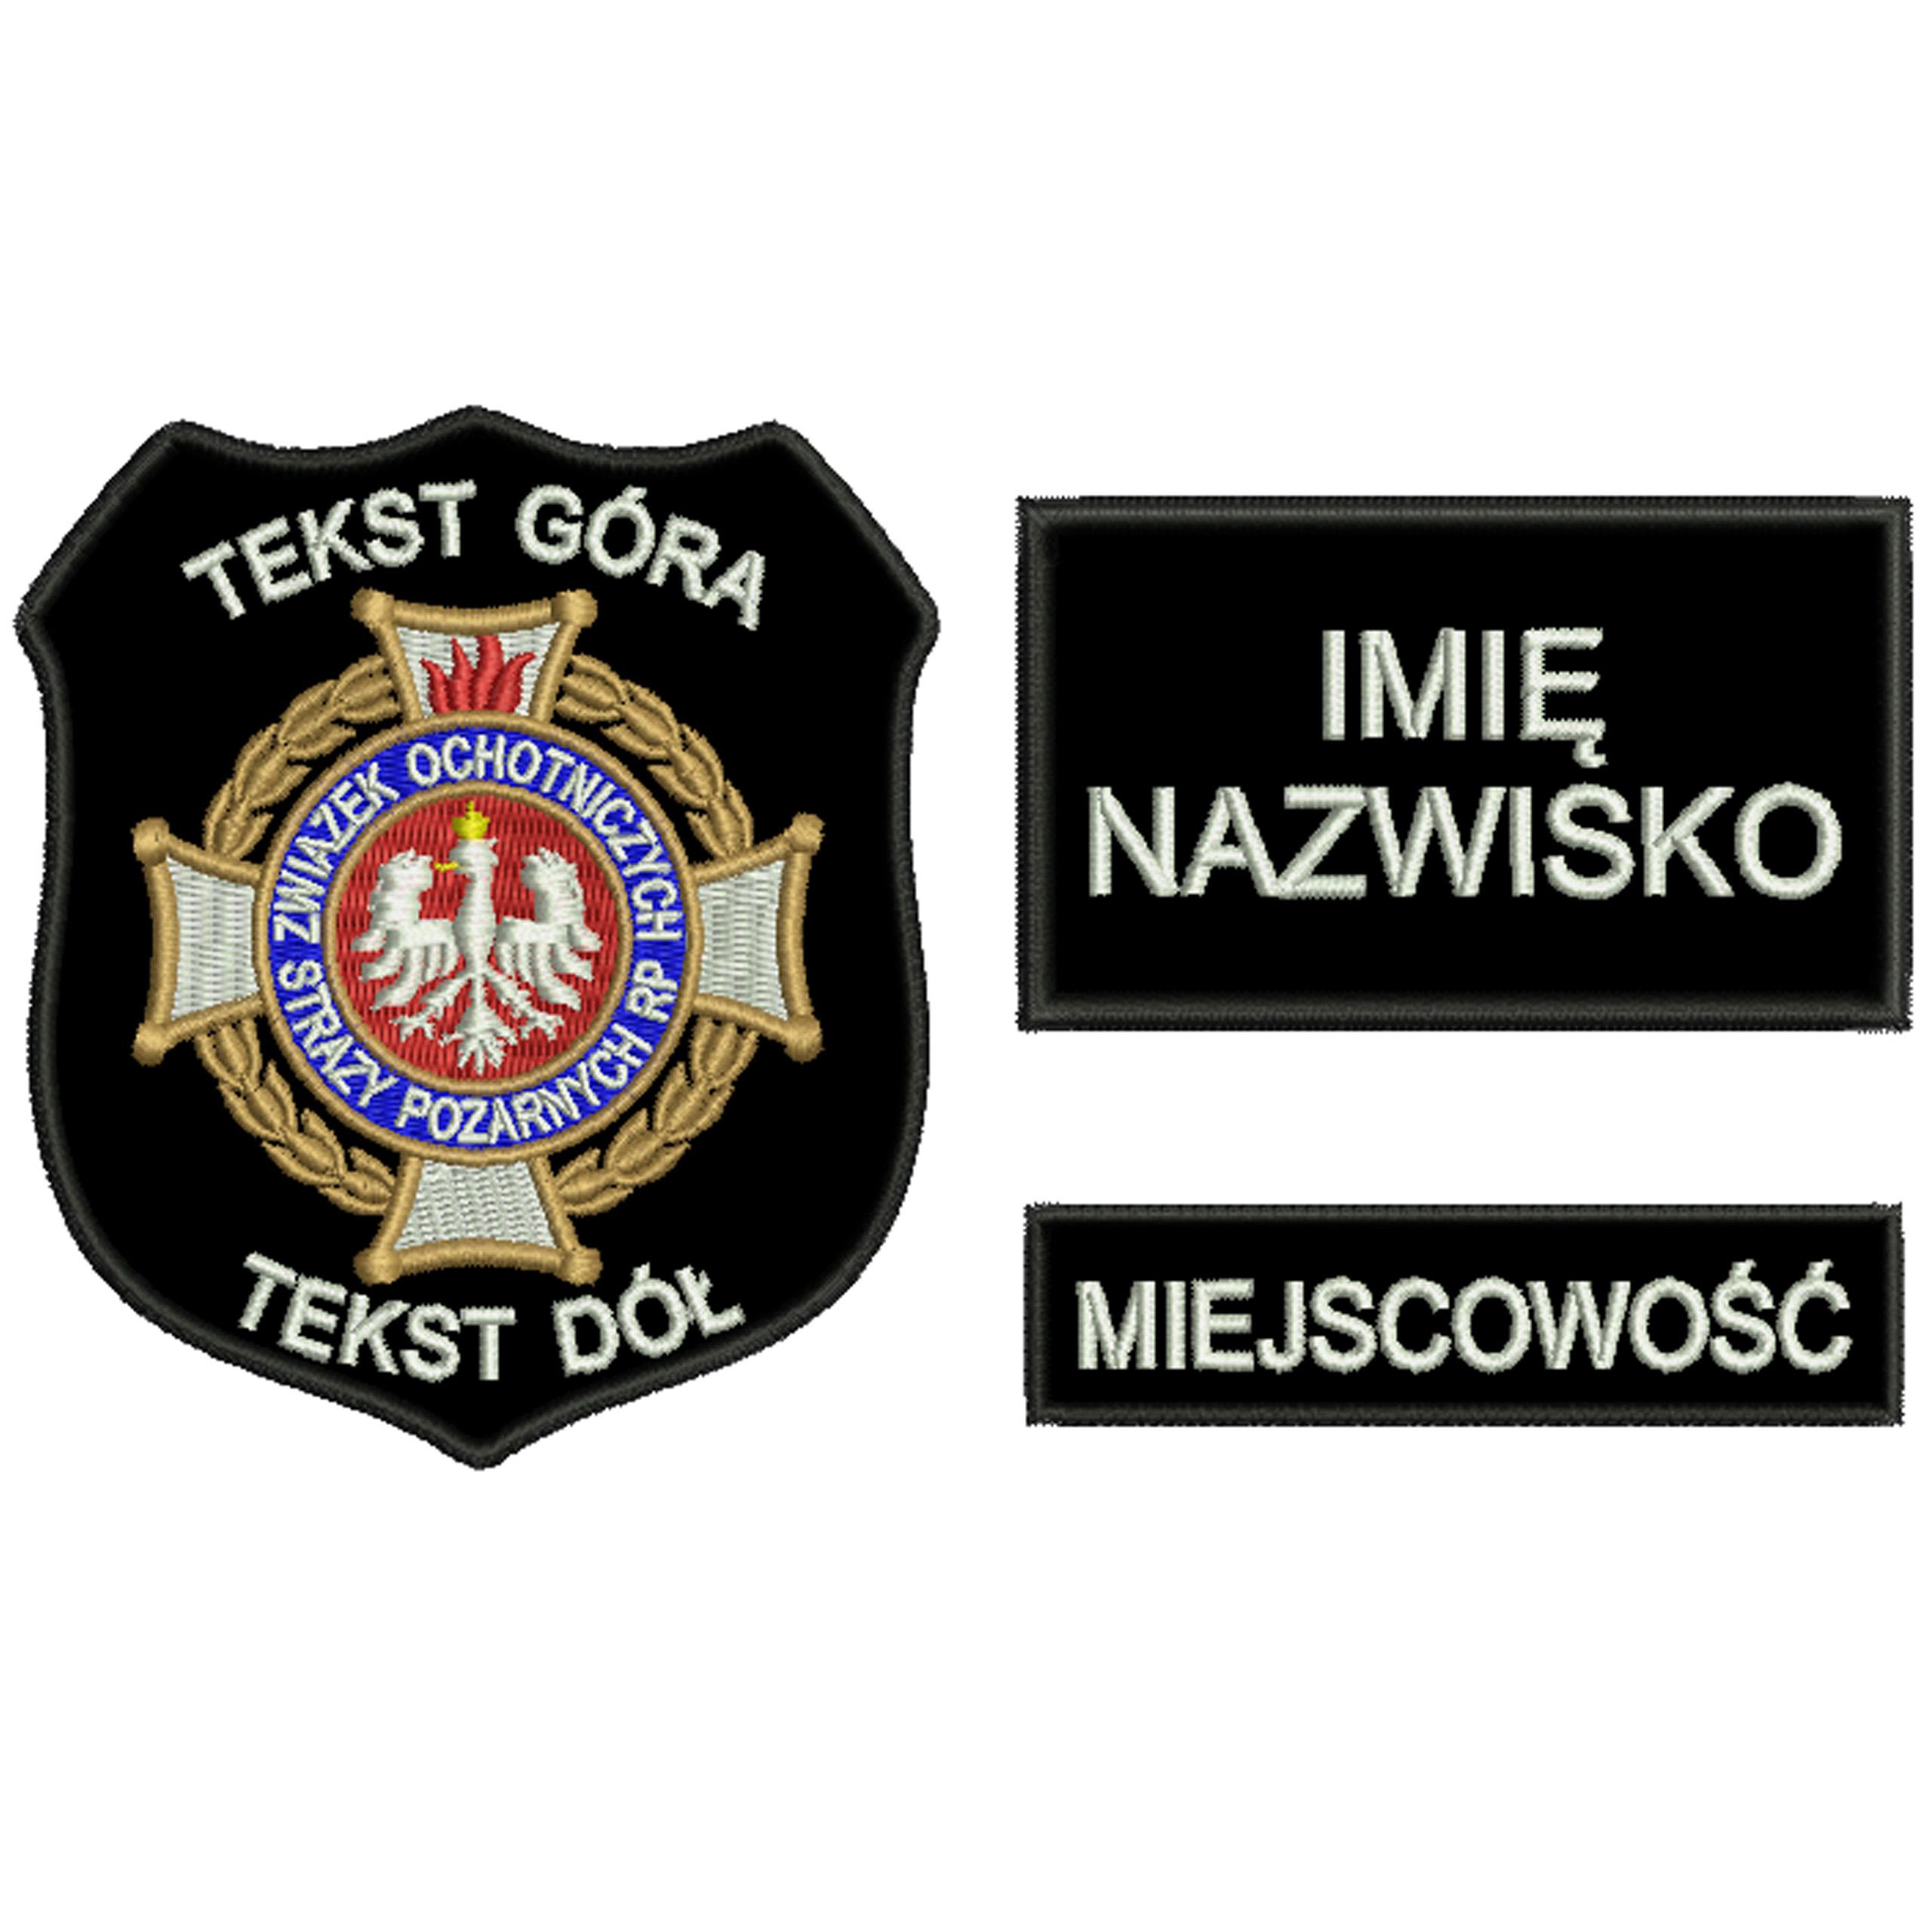 Комплекты противопожарных накладок OSP, ZOSP, KSRG на липучке